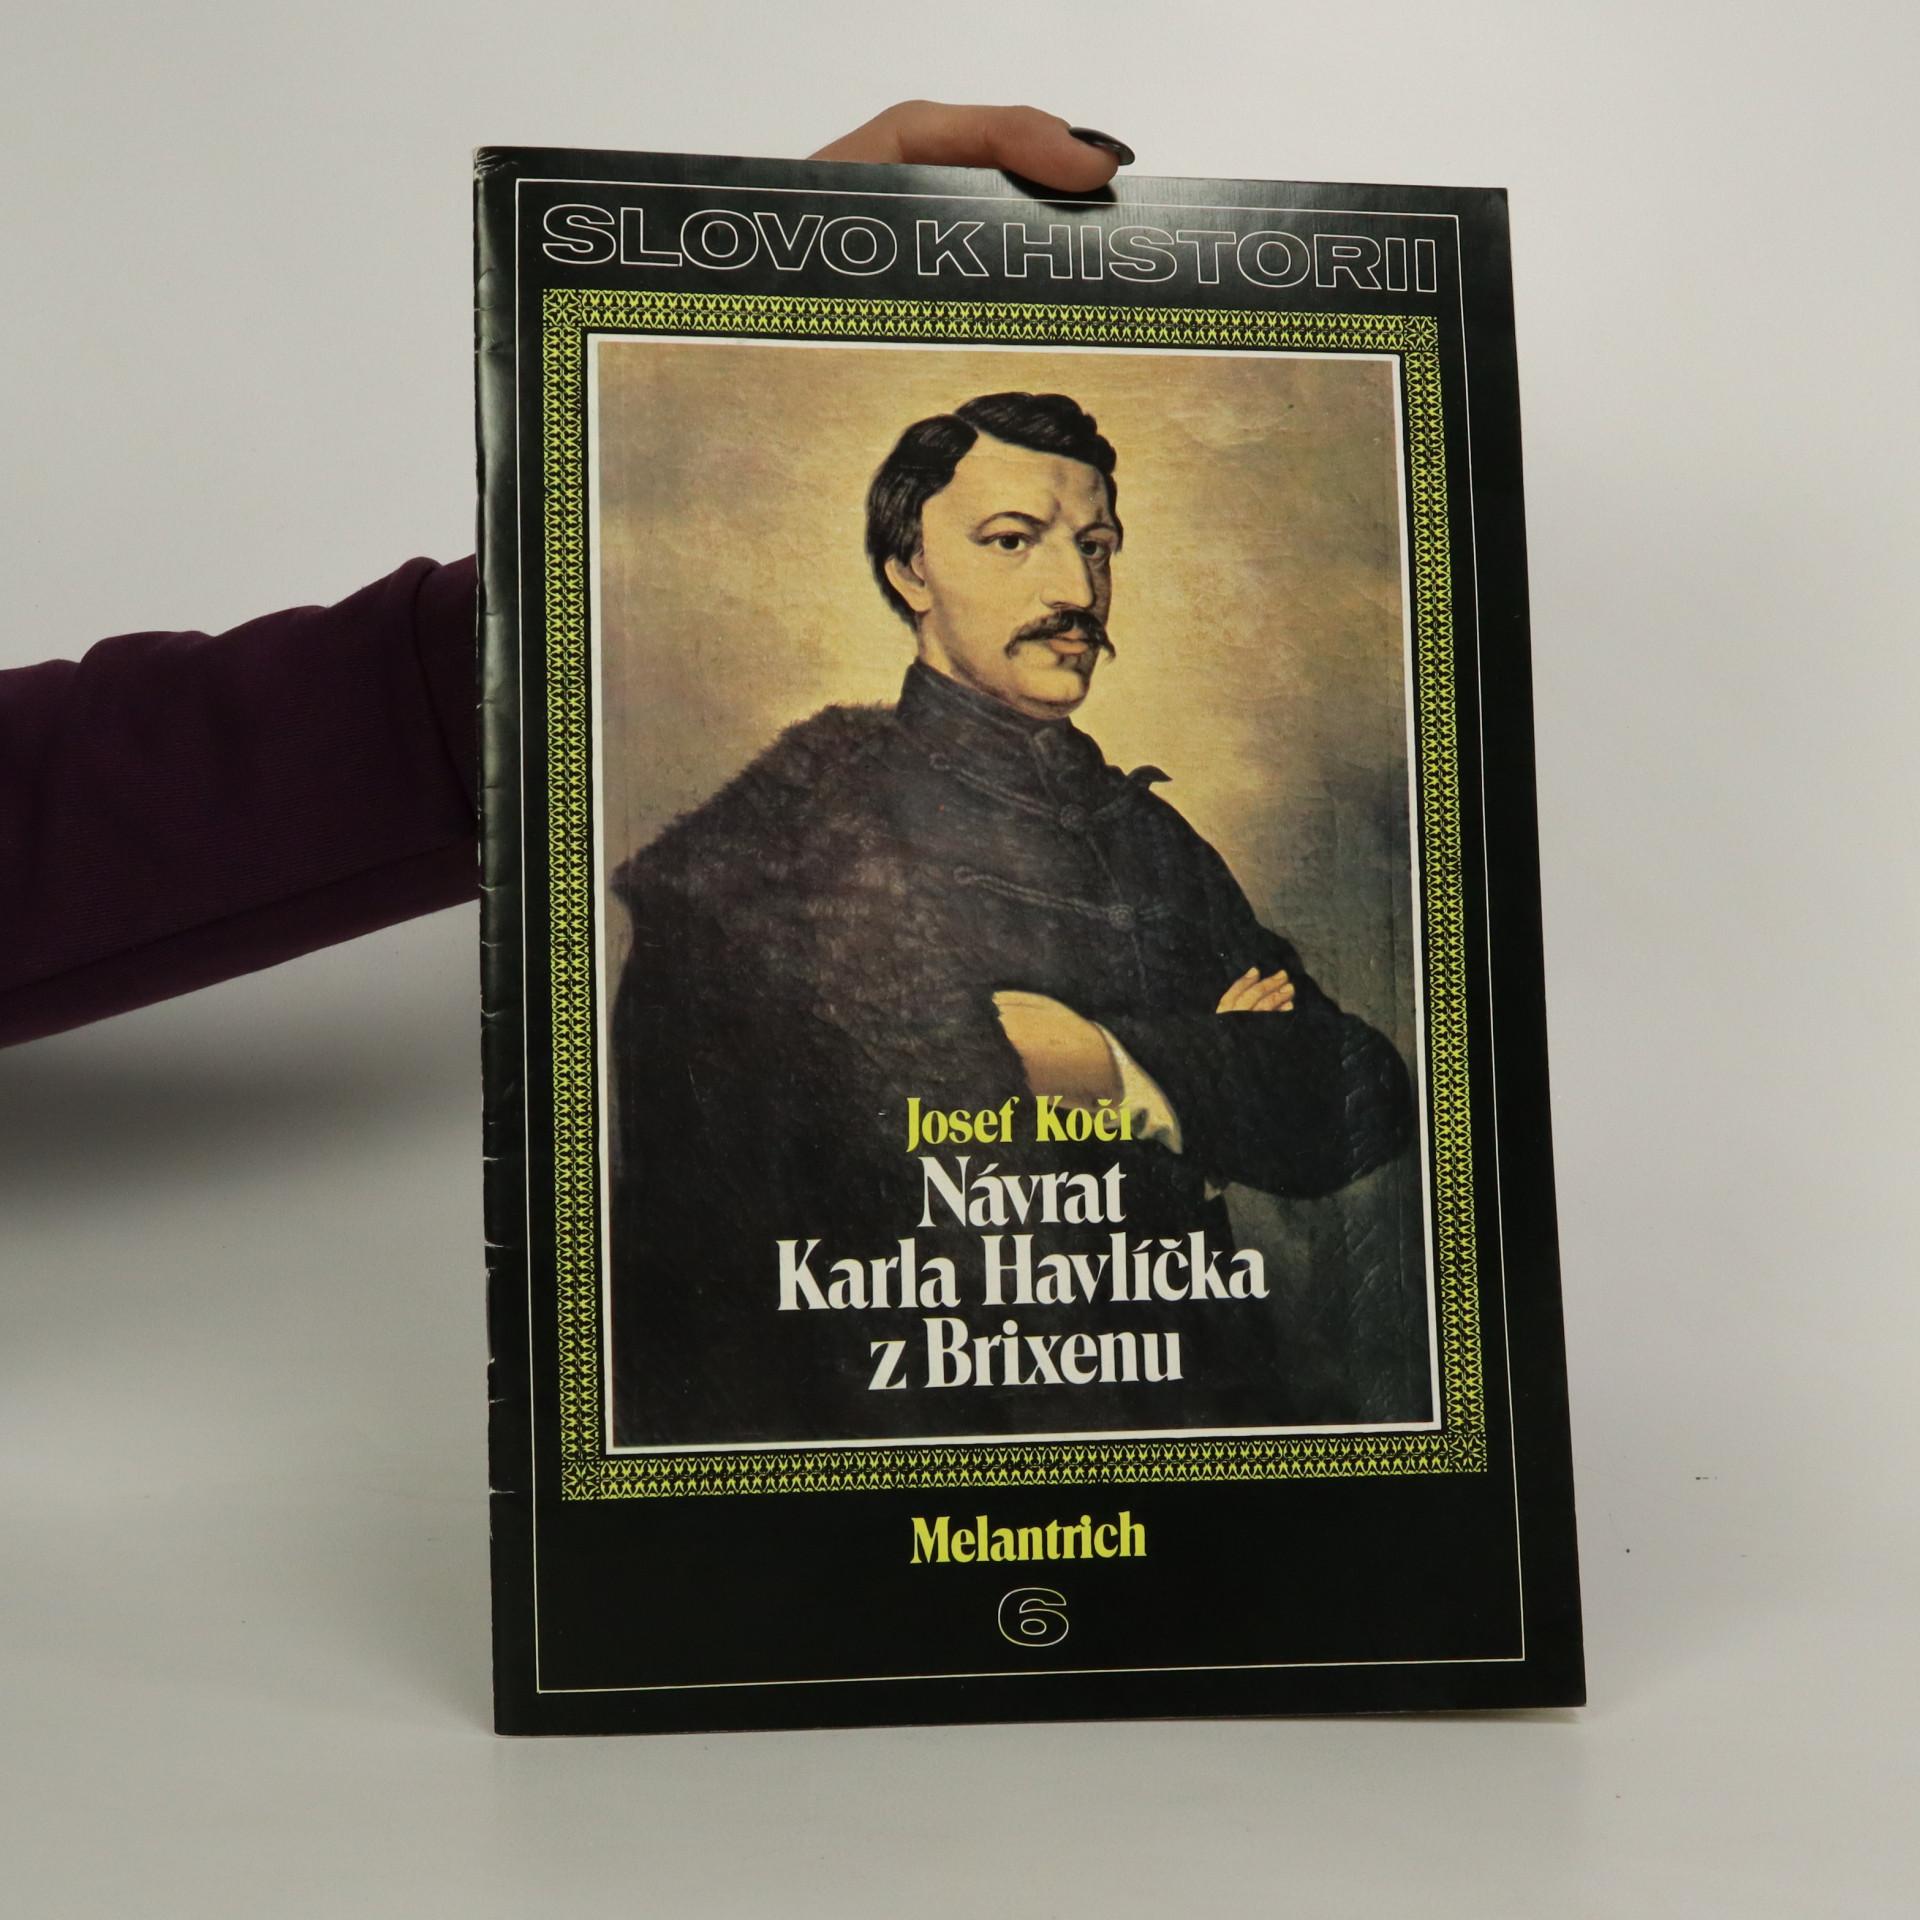 antikvární kniha Návrat Karla Havlíčka z Brixenu. Slovo k historii. Ročník 1986, číslo 6, 1986